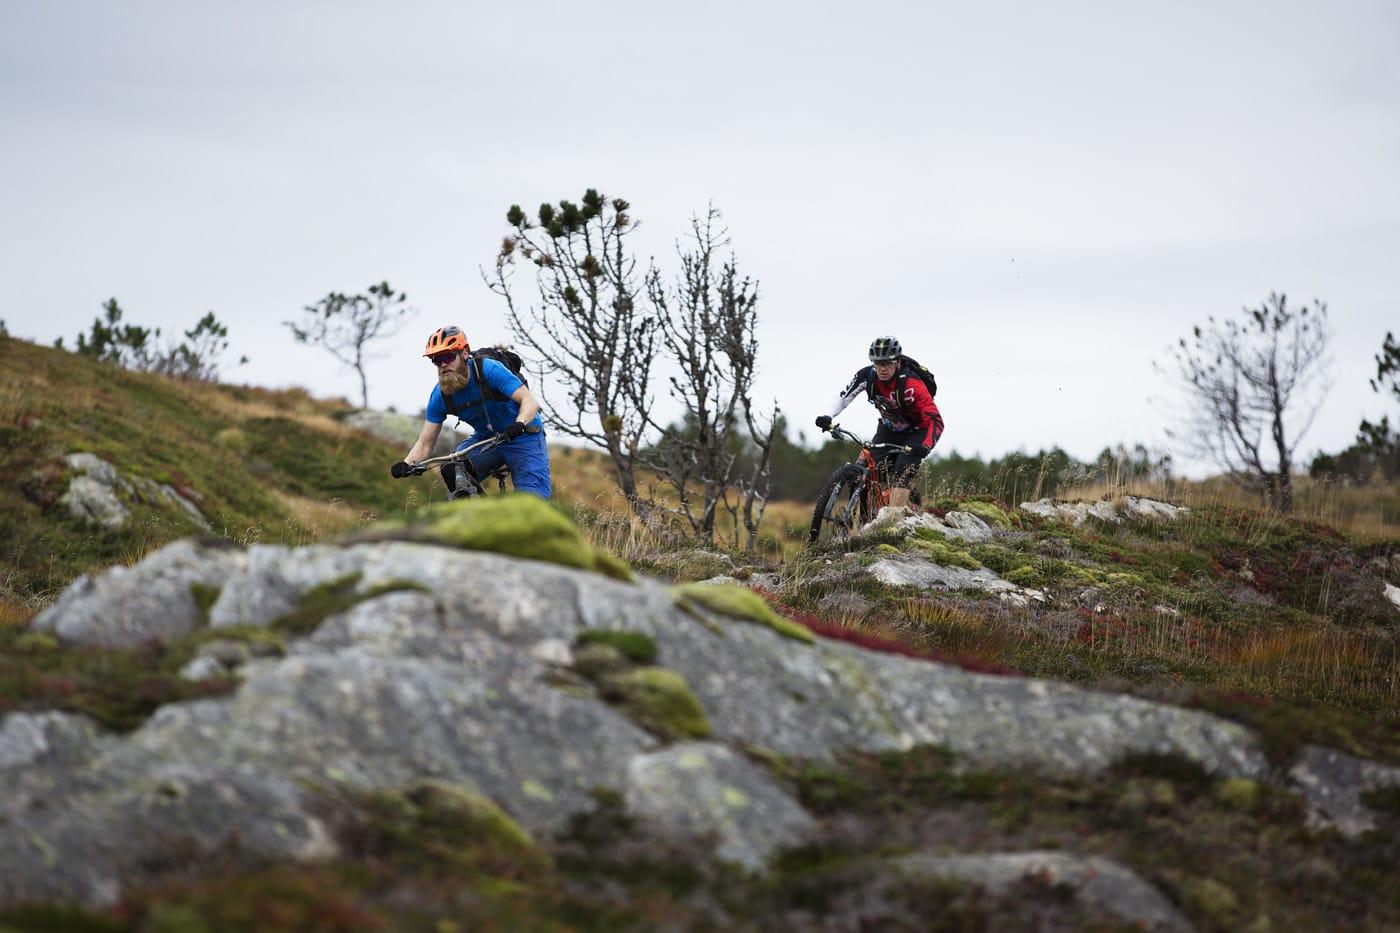 OPPE PÅ VIDDEN: Etter en lang transport på asfalt og grusveier tar Mads Oliver Øftshus og Espen Bergli-Johnsen fatt på utforkjøringen ned fra Rundemannen.